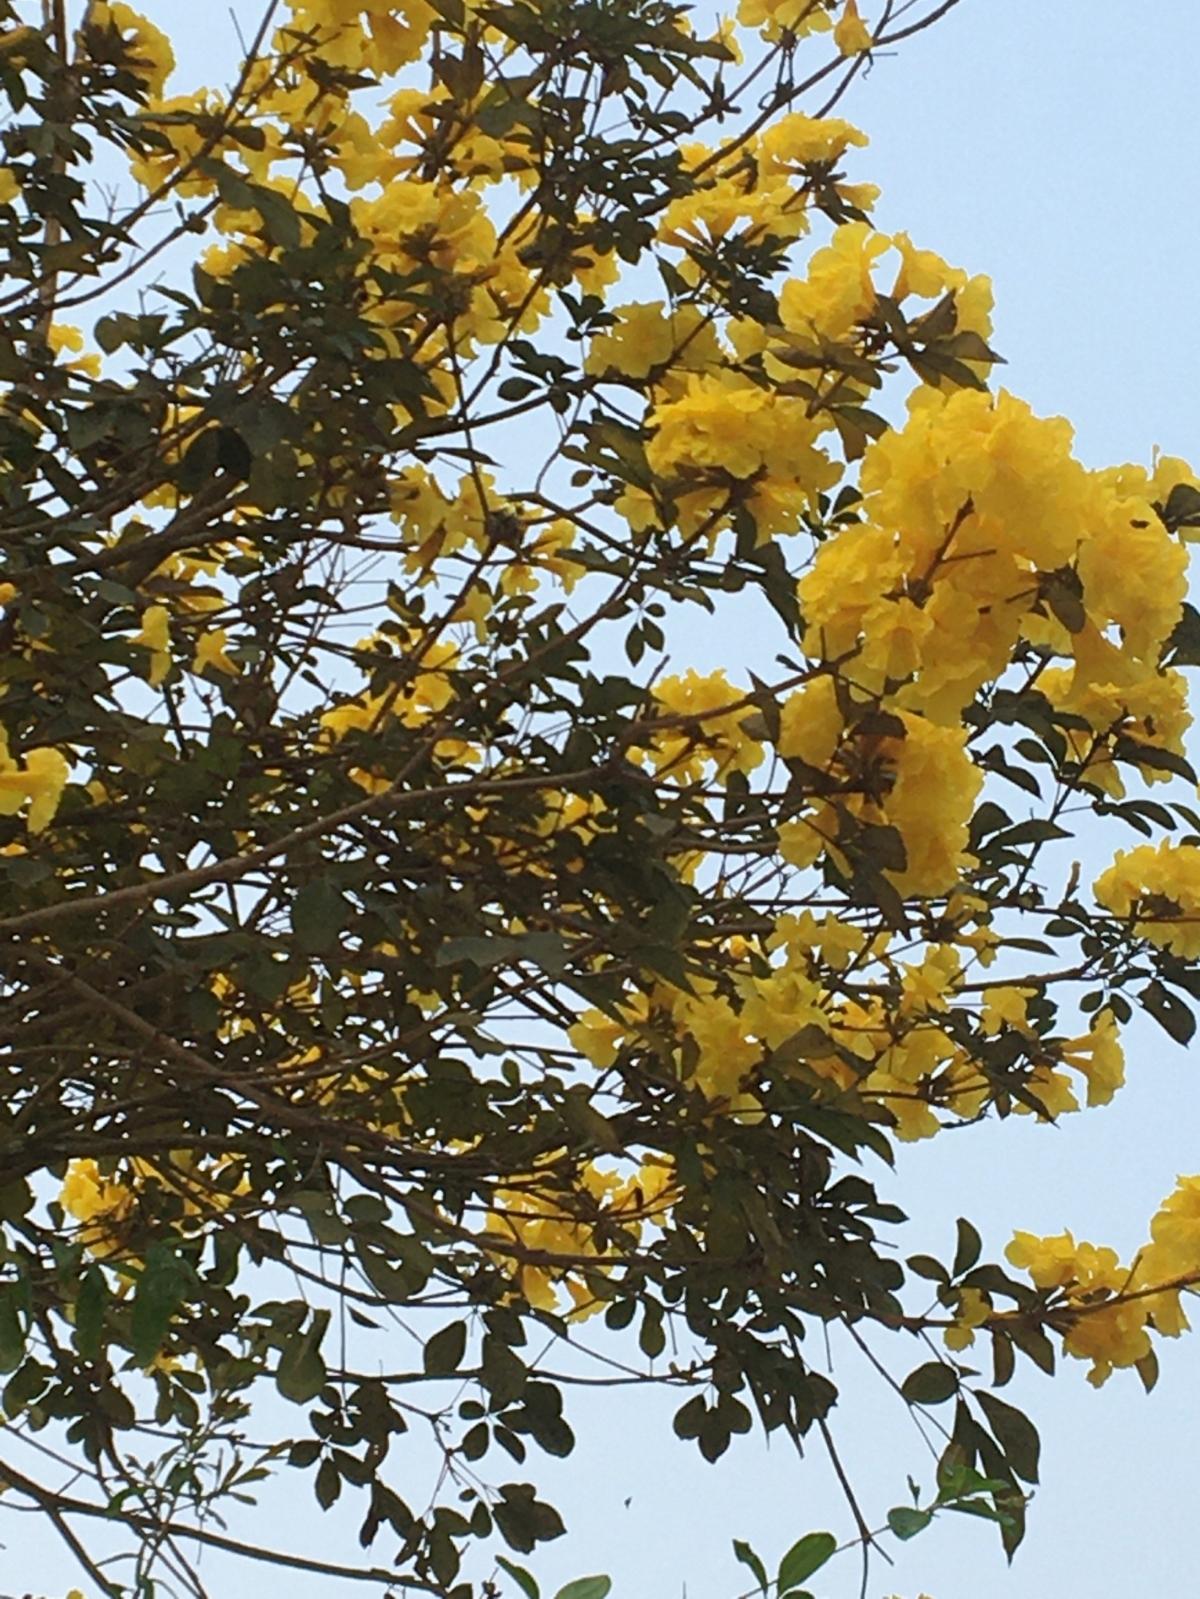 Khi hoa Lokhe savan nở cũng là lúc cây nảy lộc non, đem lại cho gia chủ niềm hy vọng về một năm mới nhiều may mắn, hạnh phúc hơn.